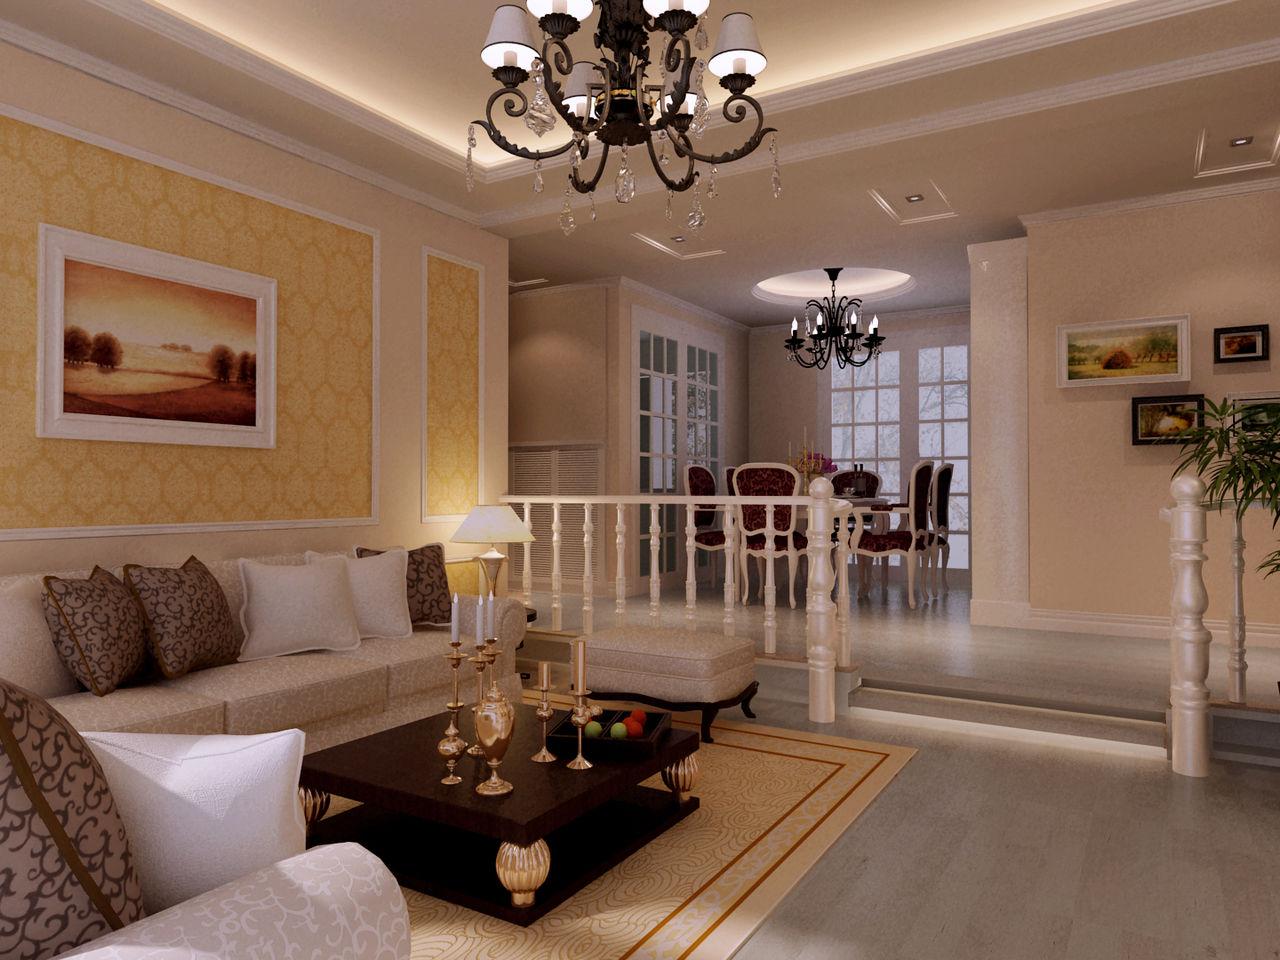 欧式古典客厅吊顶效果图_装修之家装修效果图图片